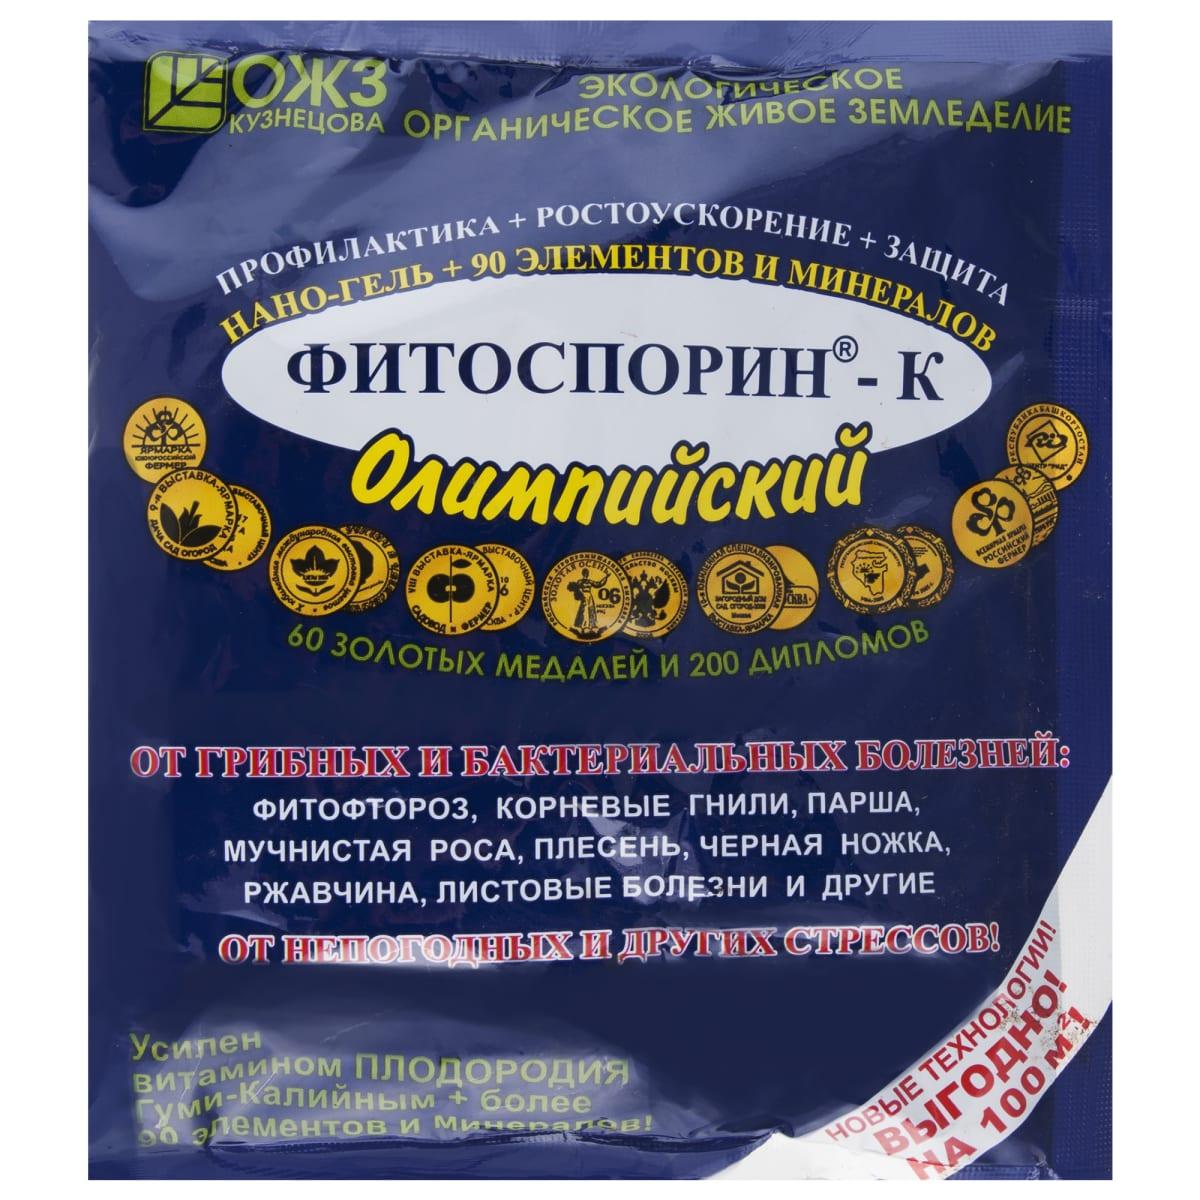 Фитоспорин-М «Олимп», калийный, 200 г, паста